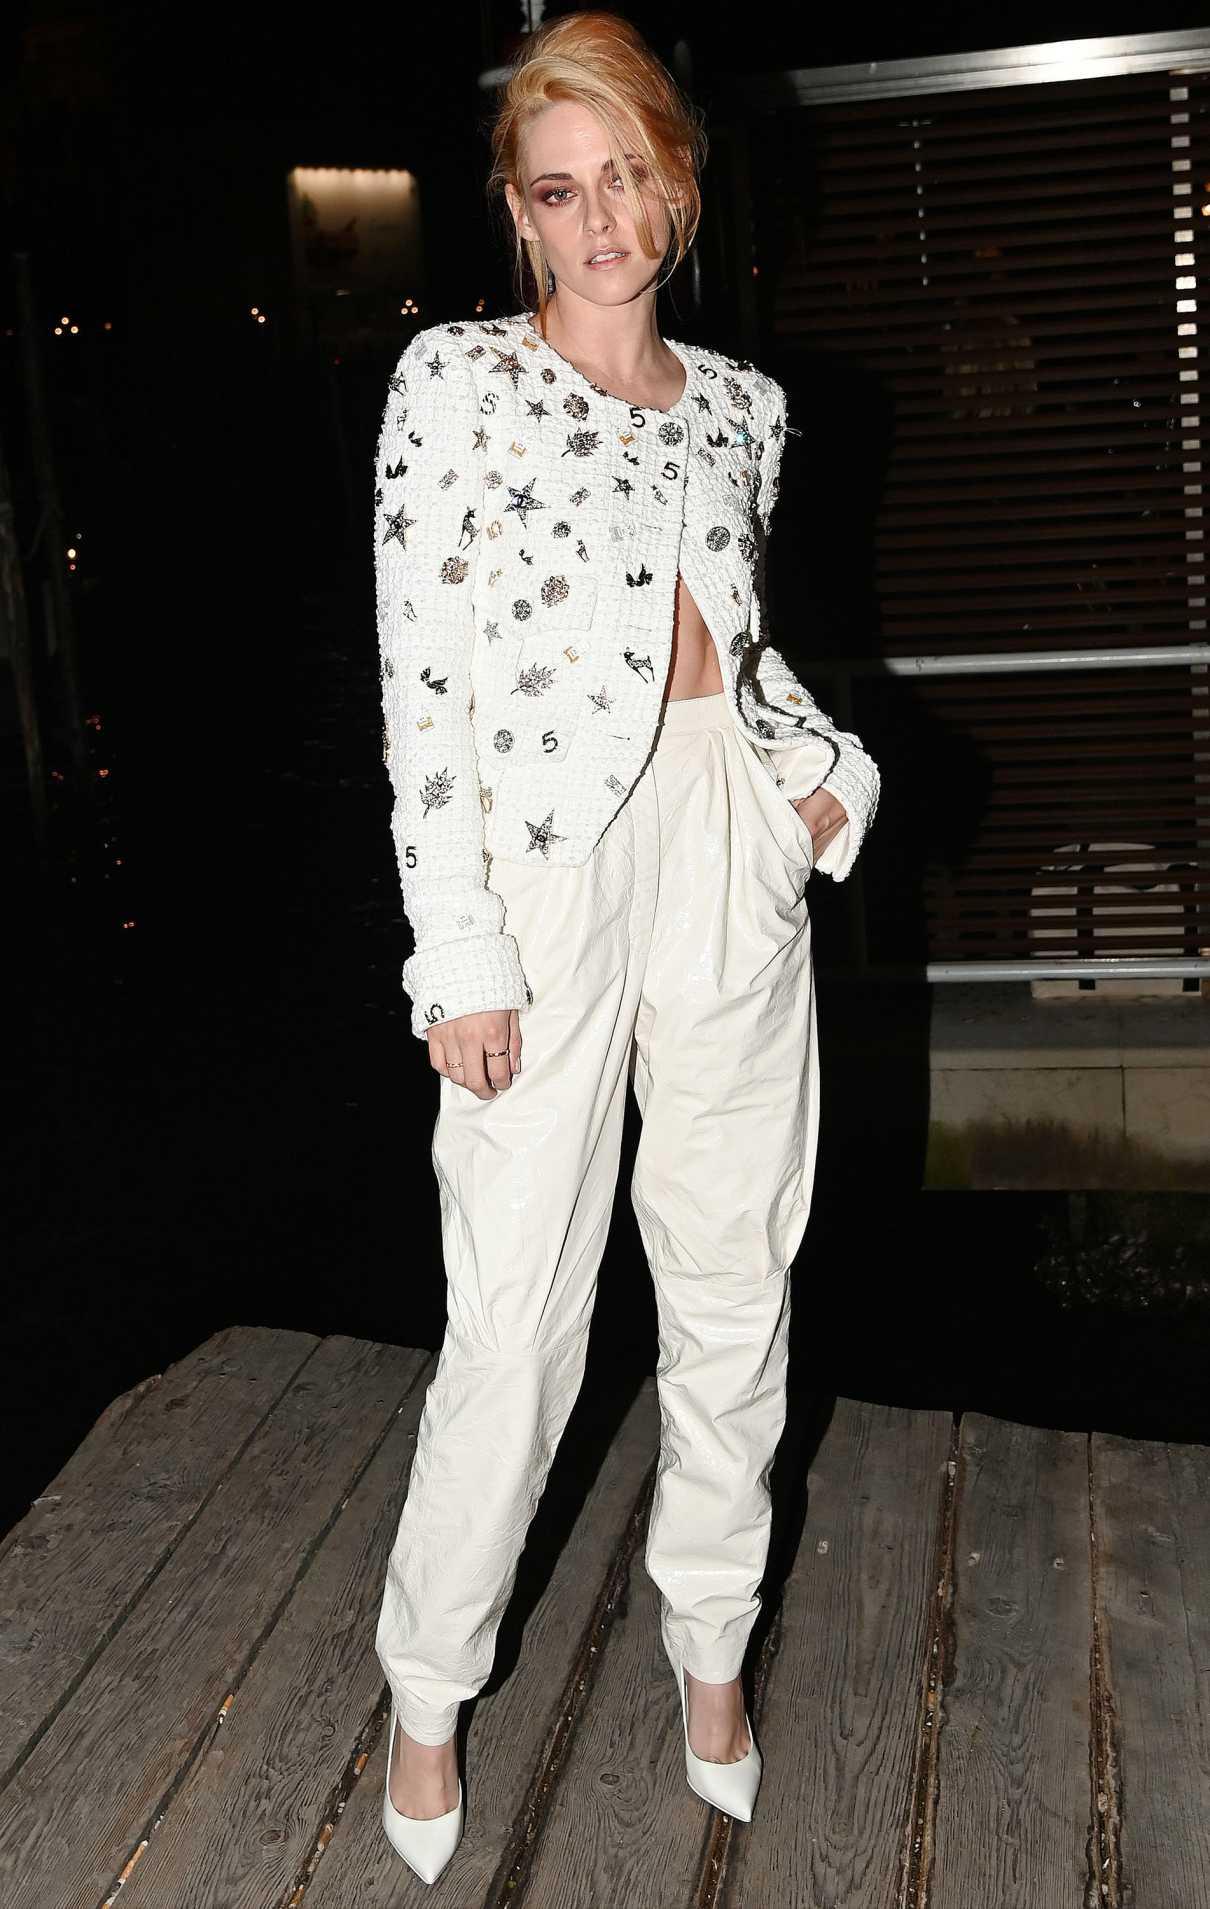 Kristen Stewart in a White Pants